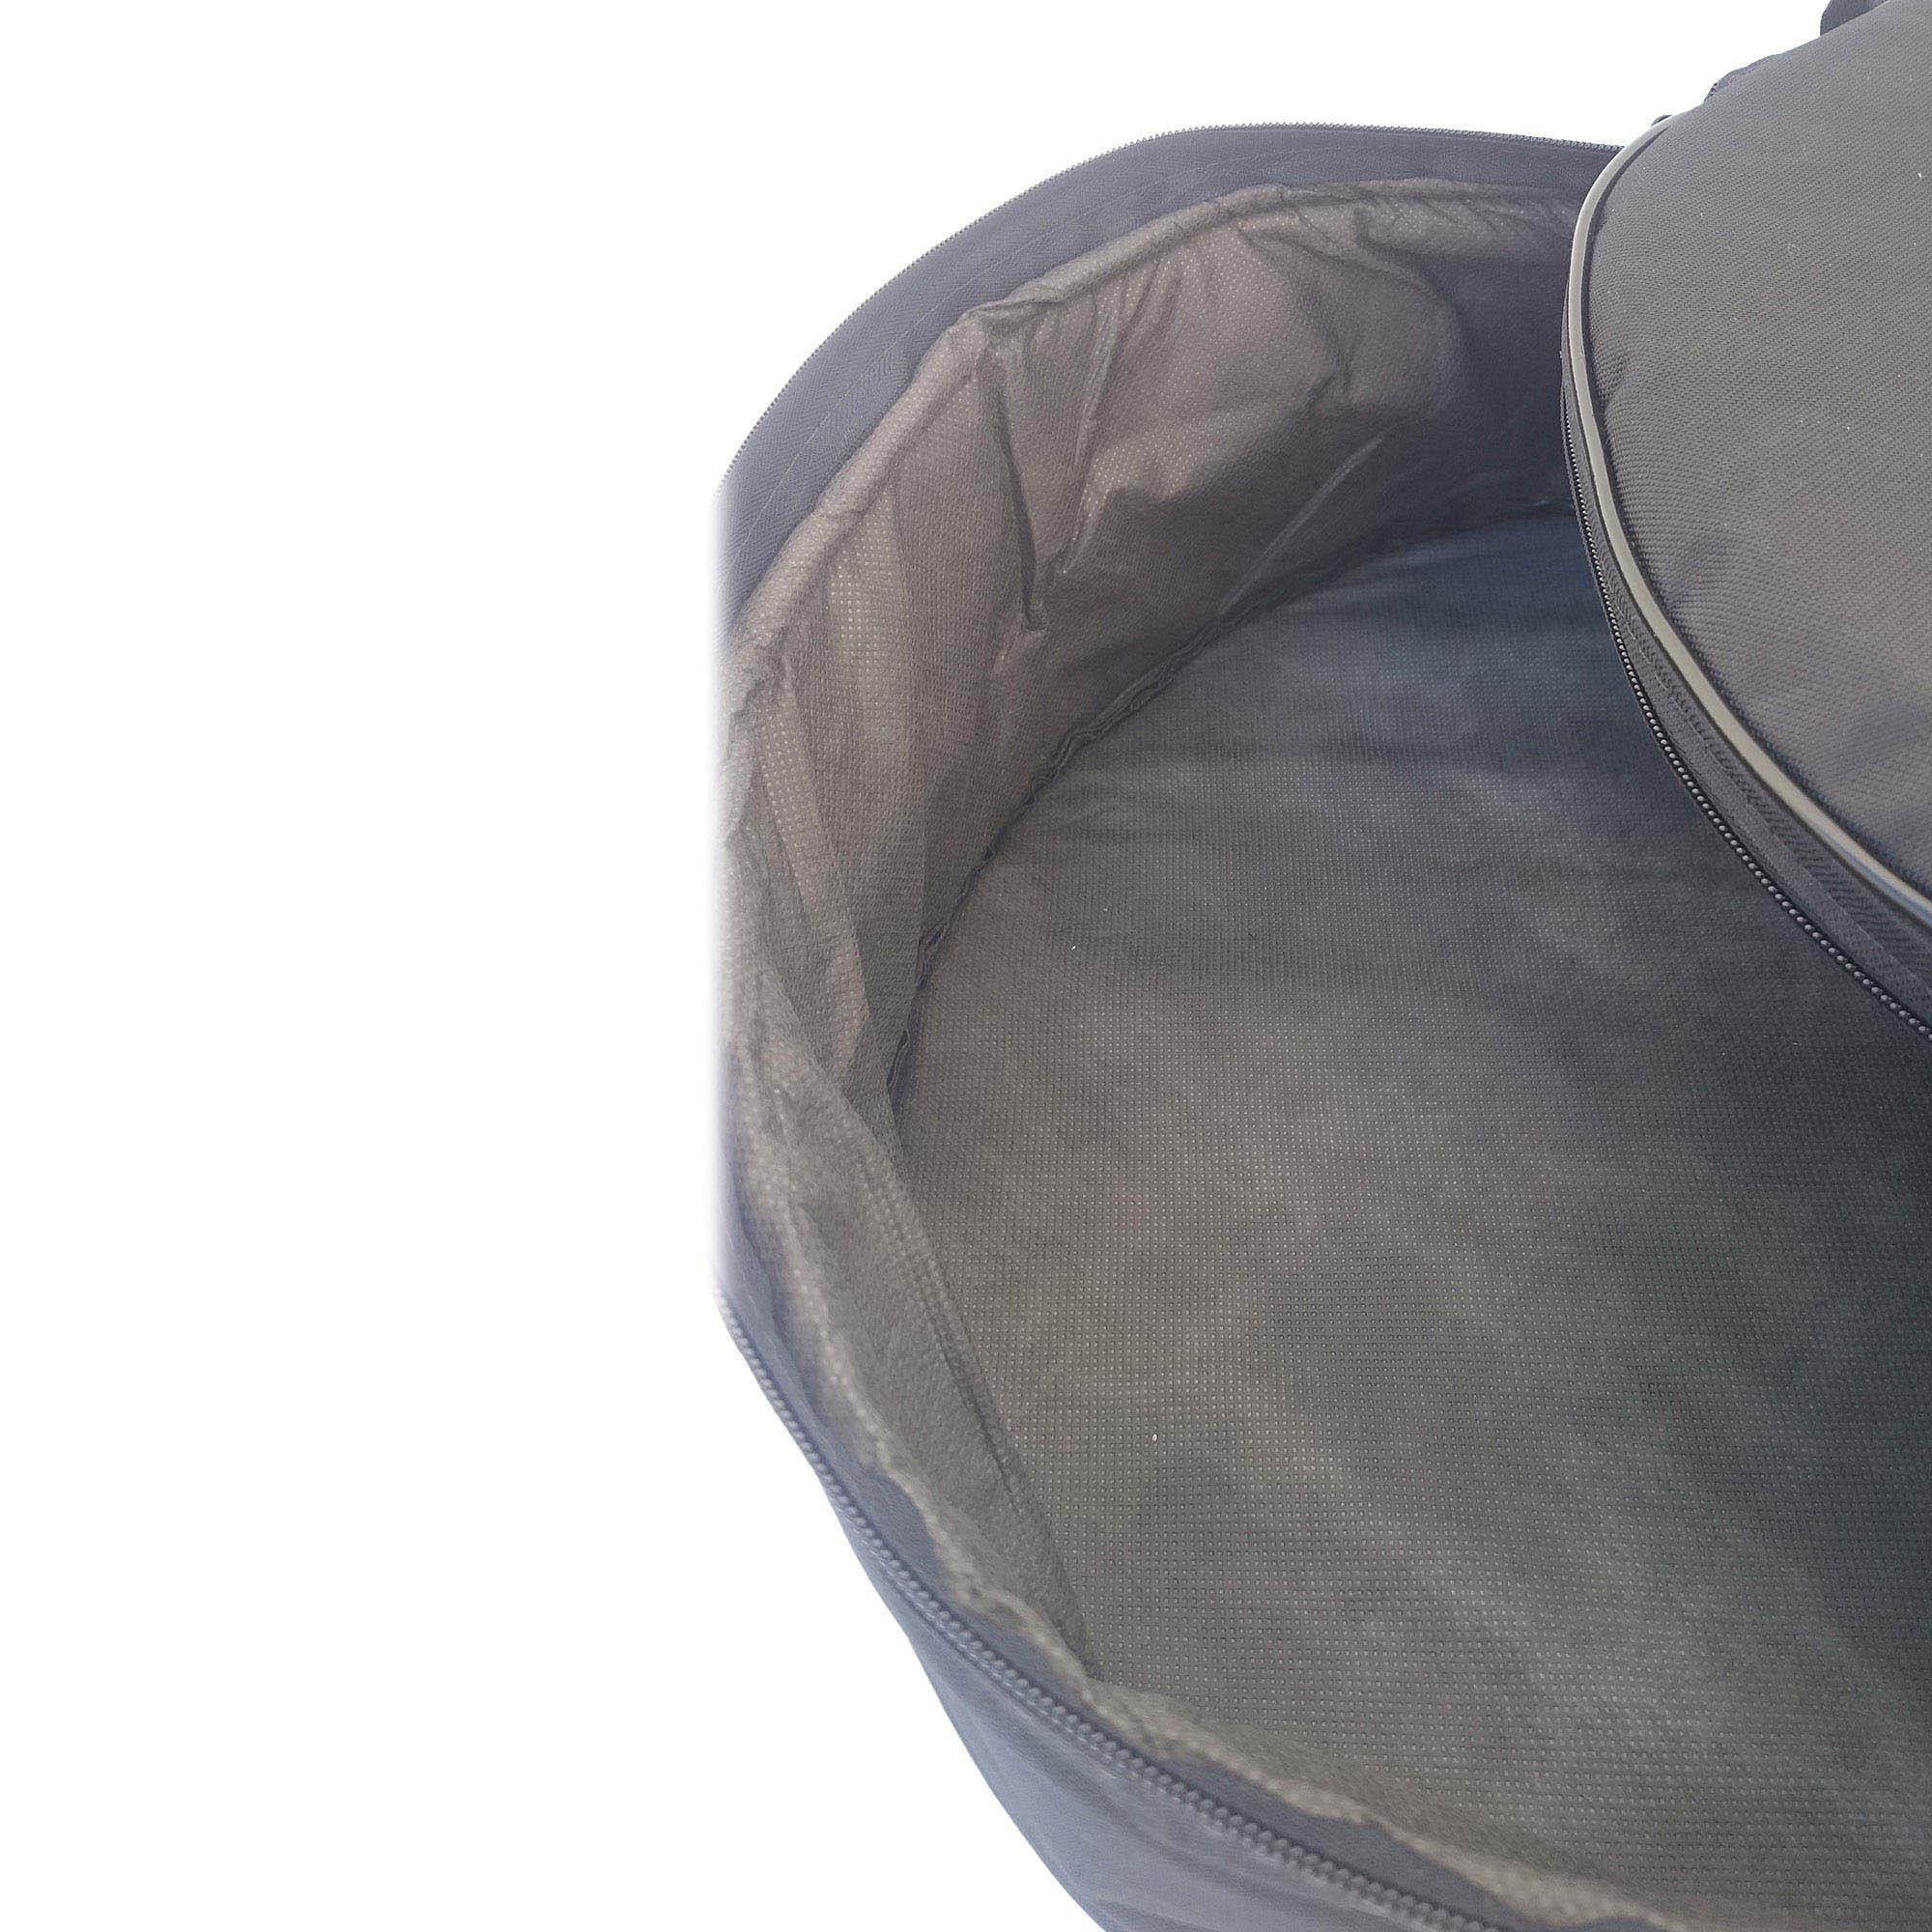 """Capa Bag Extra Luxo para Caixa De Bateria 14"""" x 12cm para Bateria CLAVE & BAG. Totalmente acolhoado  - ROOSTERMUSIC"""